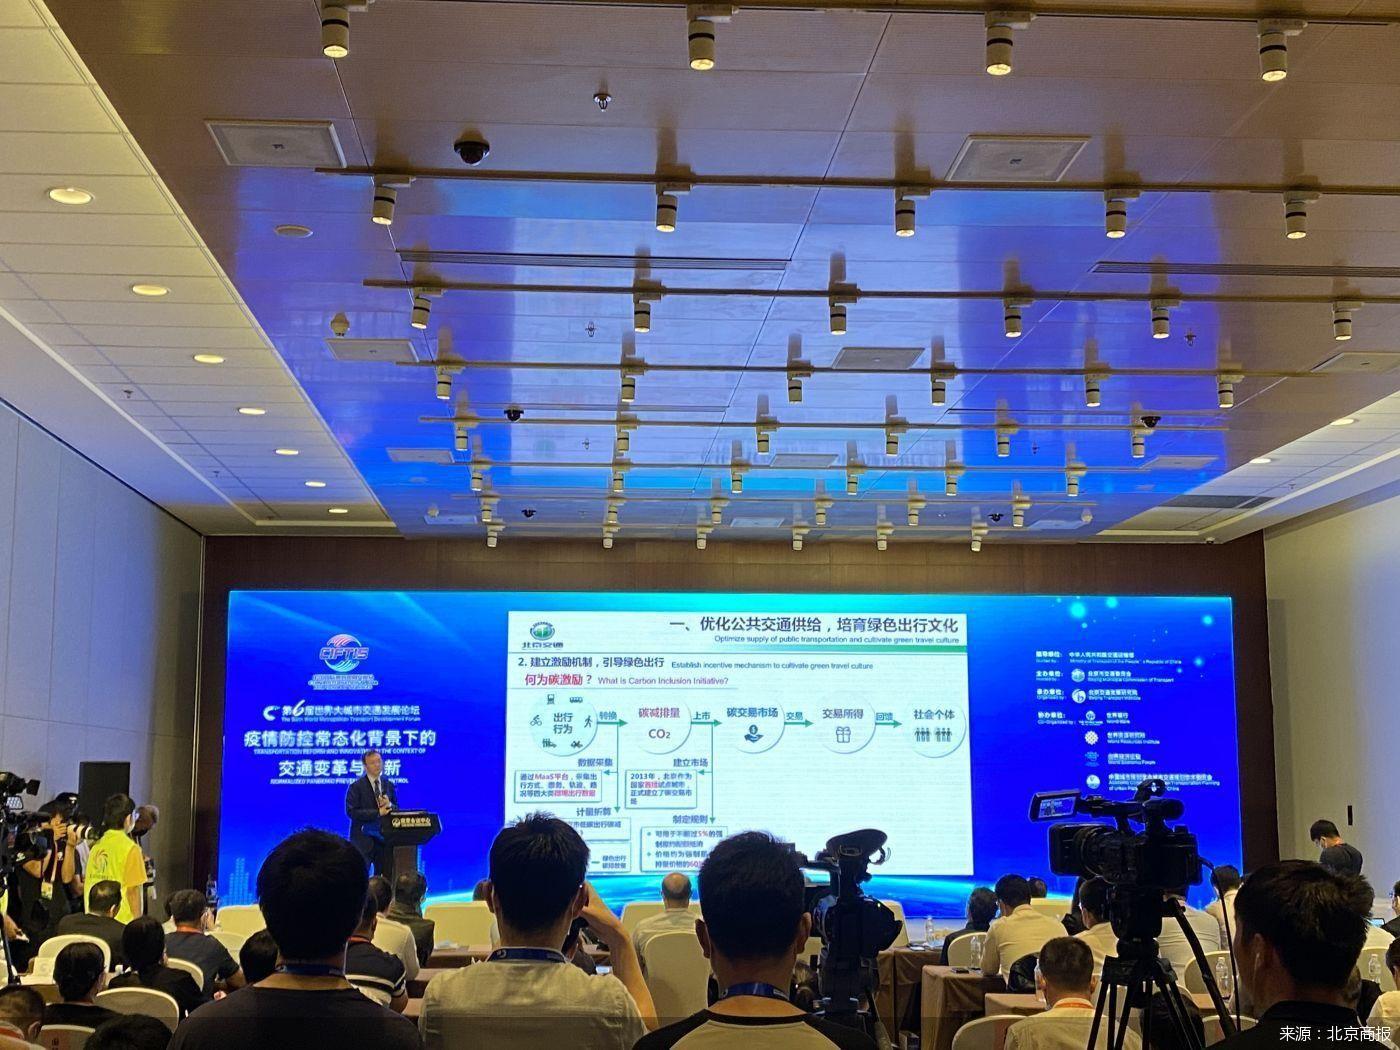 """绿色出行可兑换多样化奖励 北京市首创""""碳普惠激励"""""""